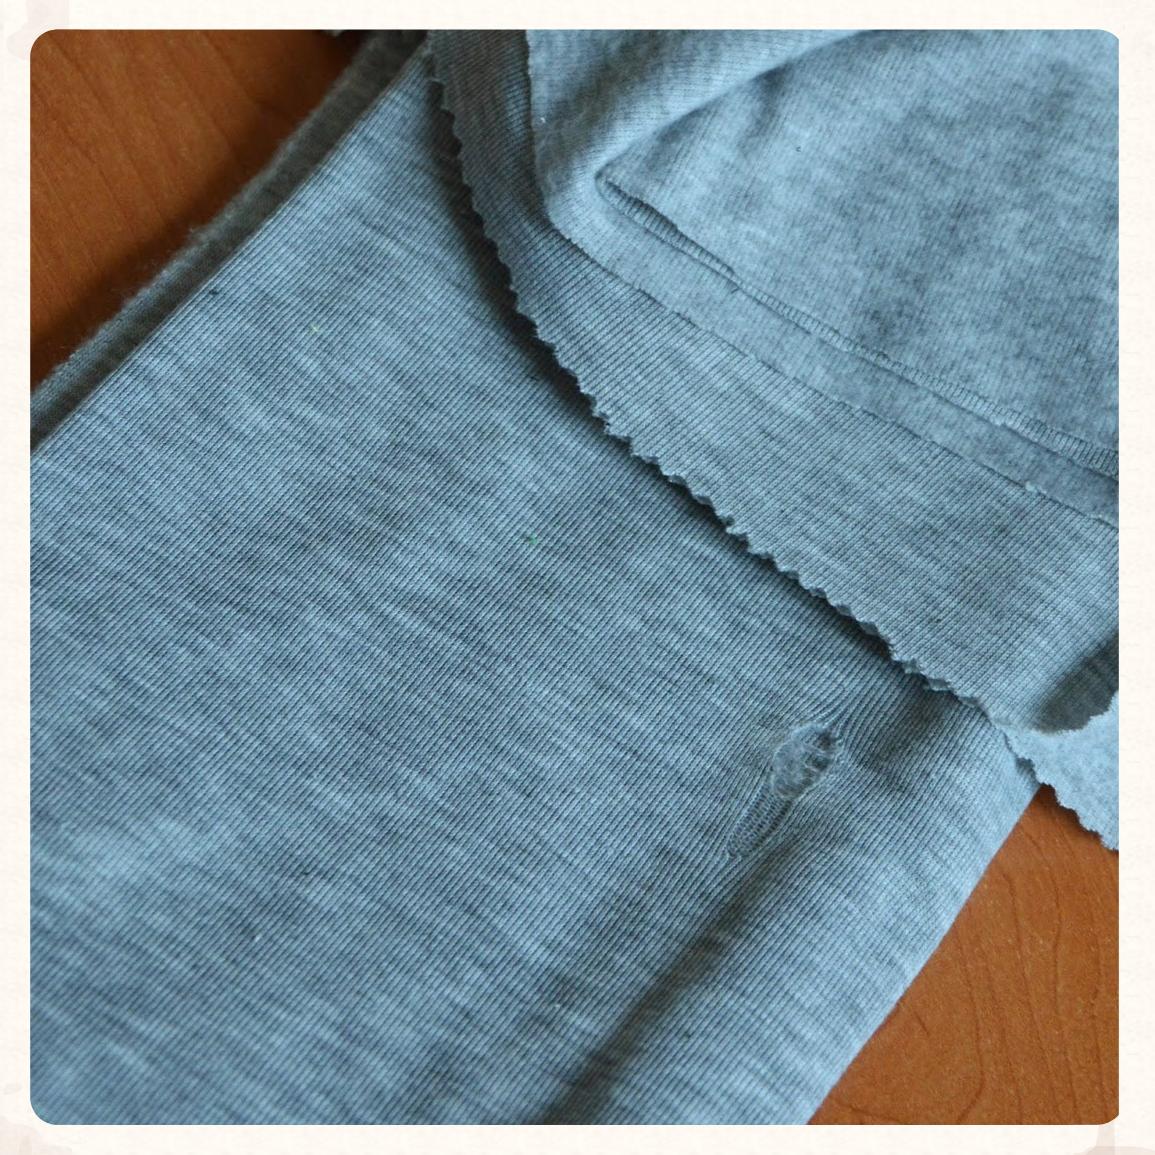 Z tego powstała bluza. Dzianina na polarze, z defektem, jak widać, kupiona za bezcen. Ze względu na defekt resztki były większe.